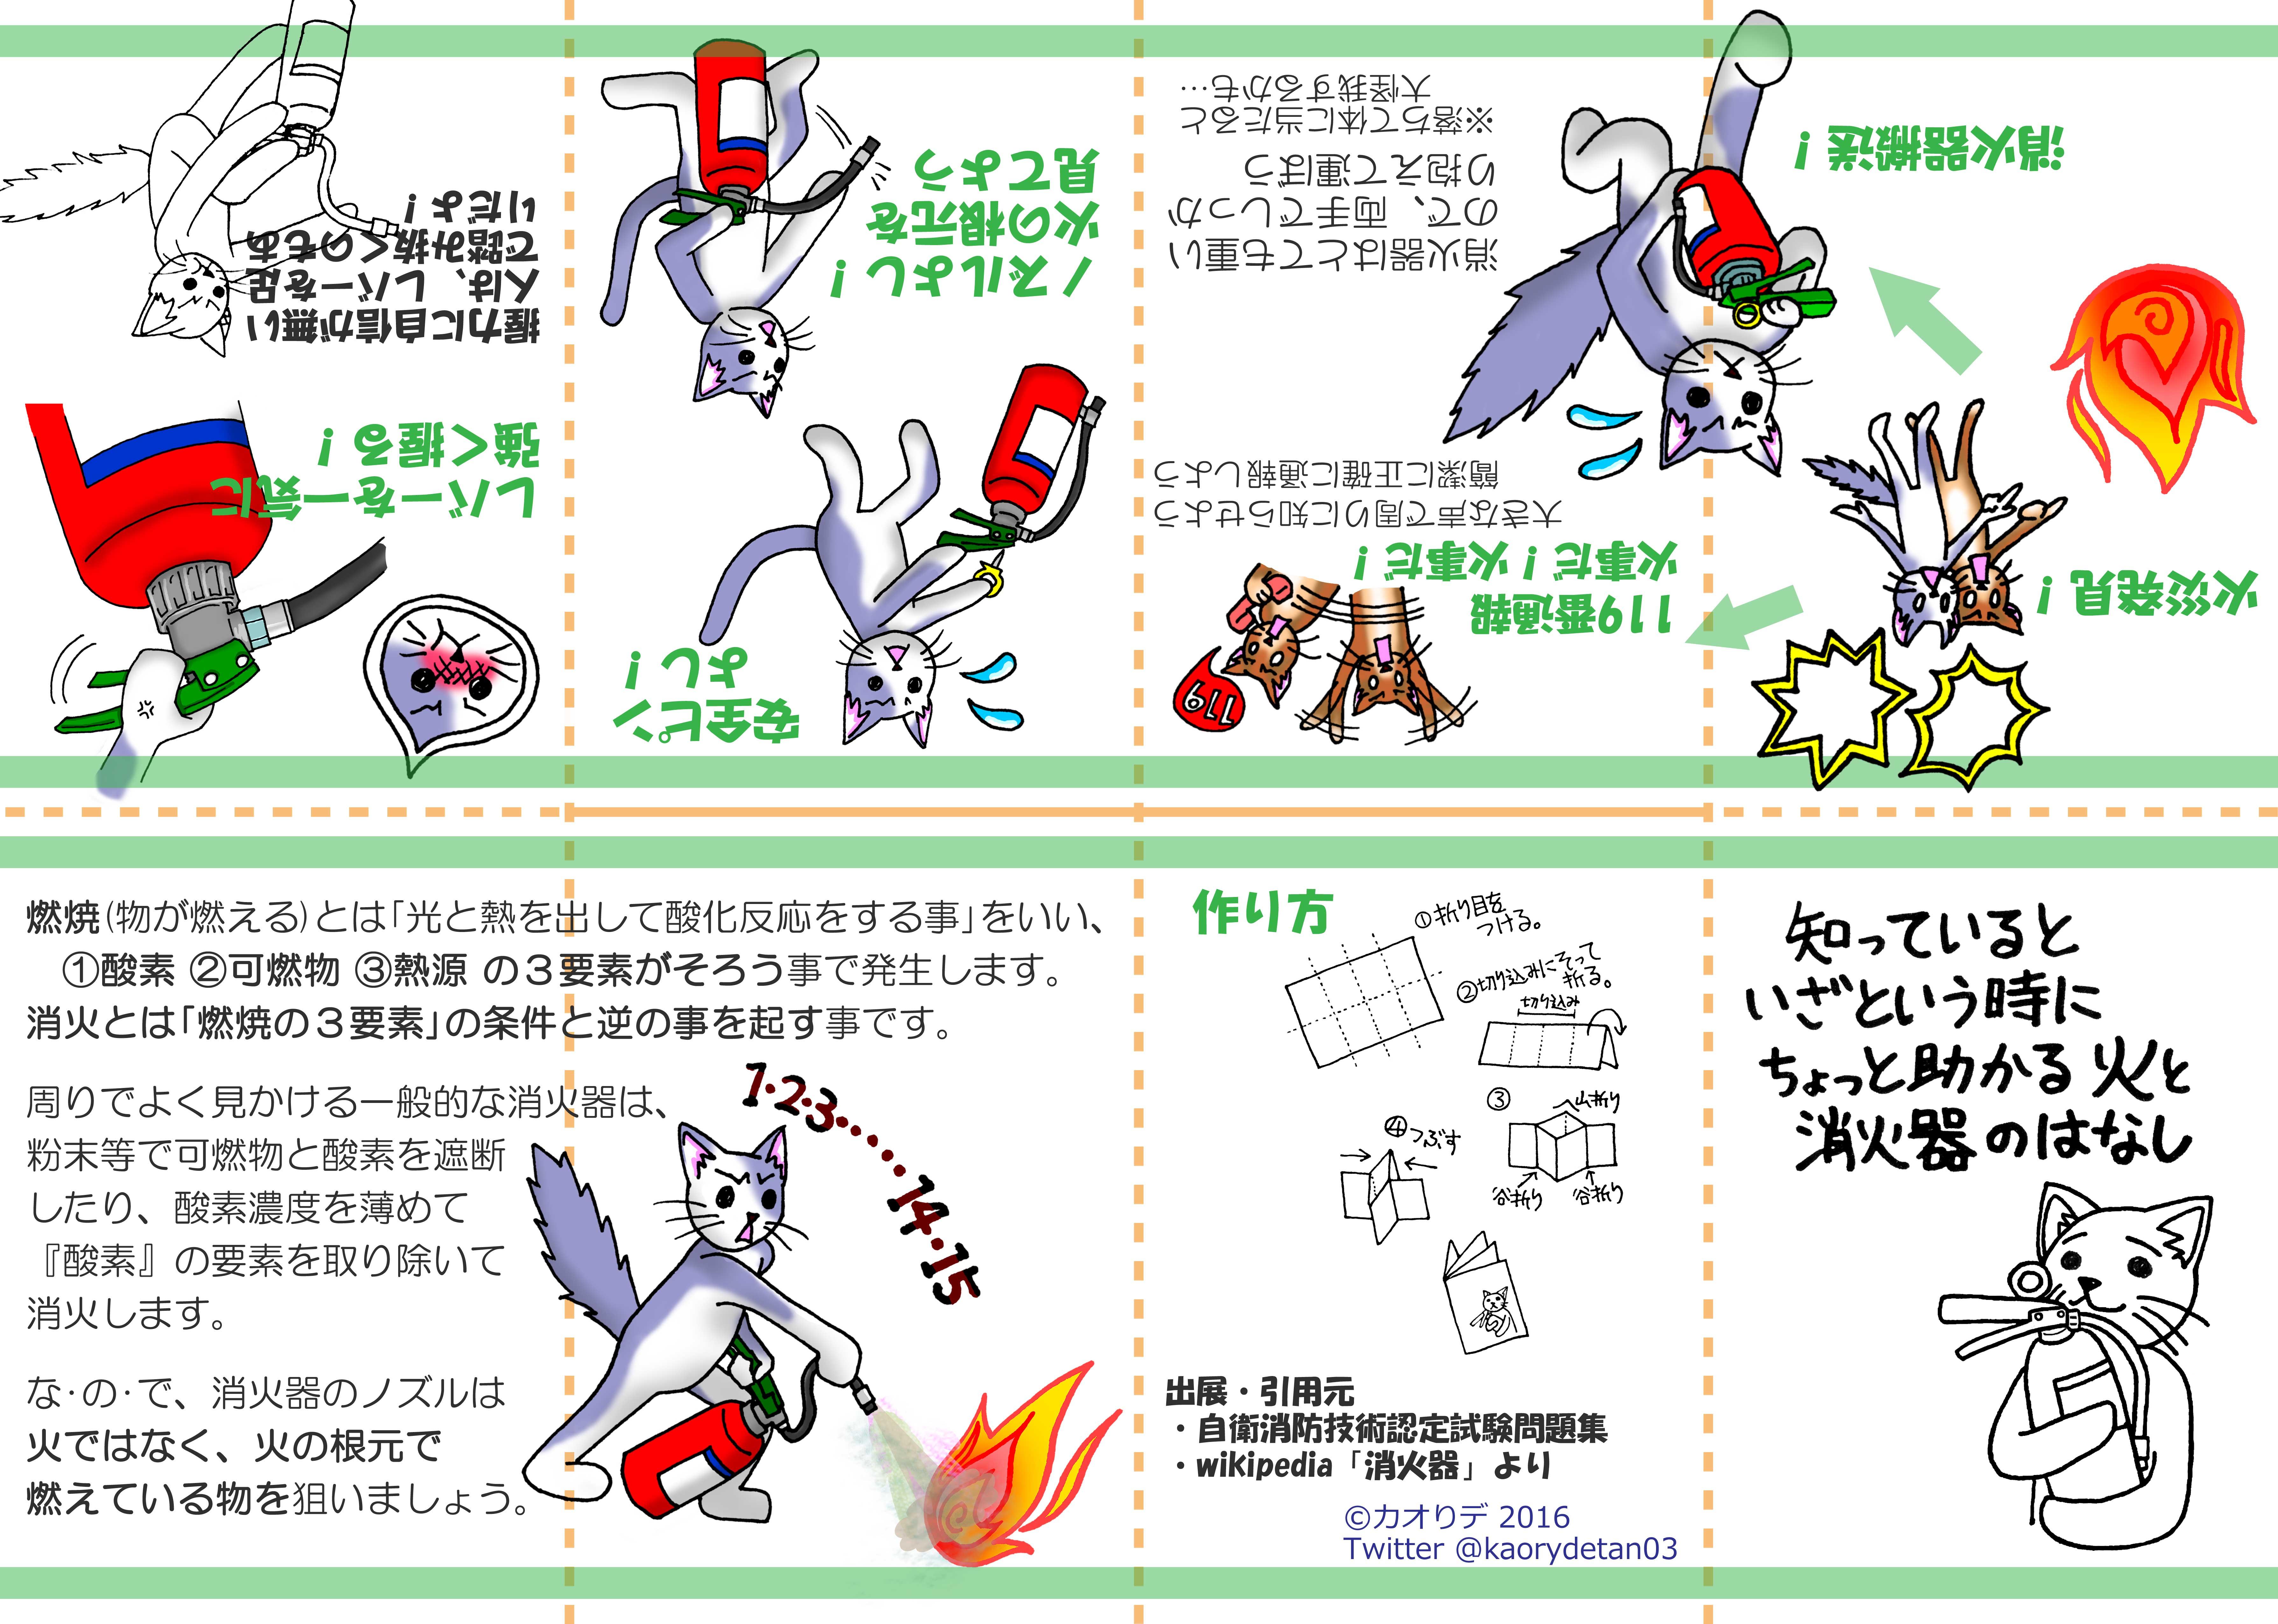 2016ガクタメ_Atelier_Rainbow_カオりデ_01